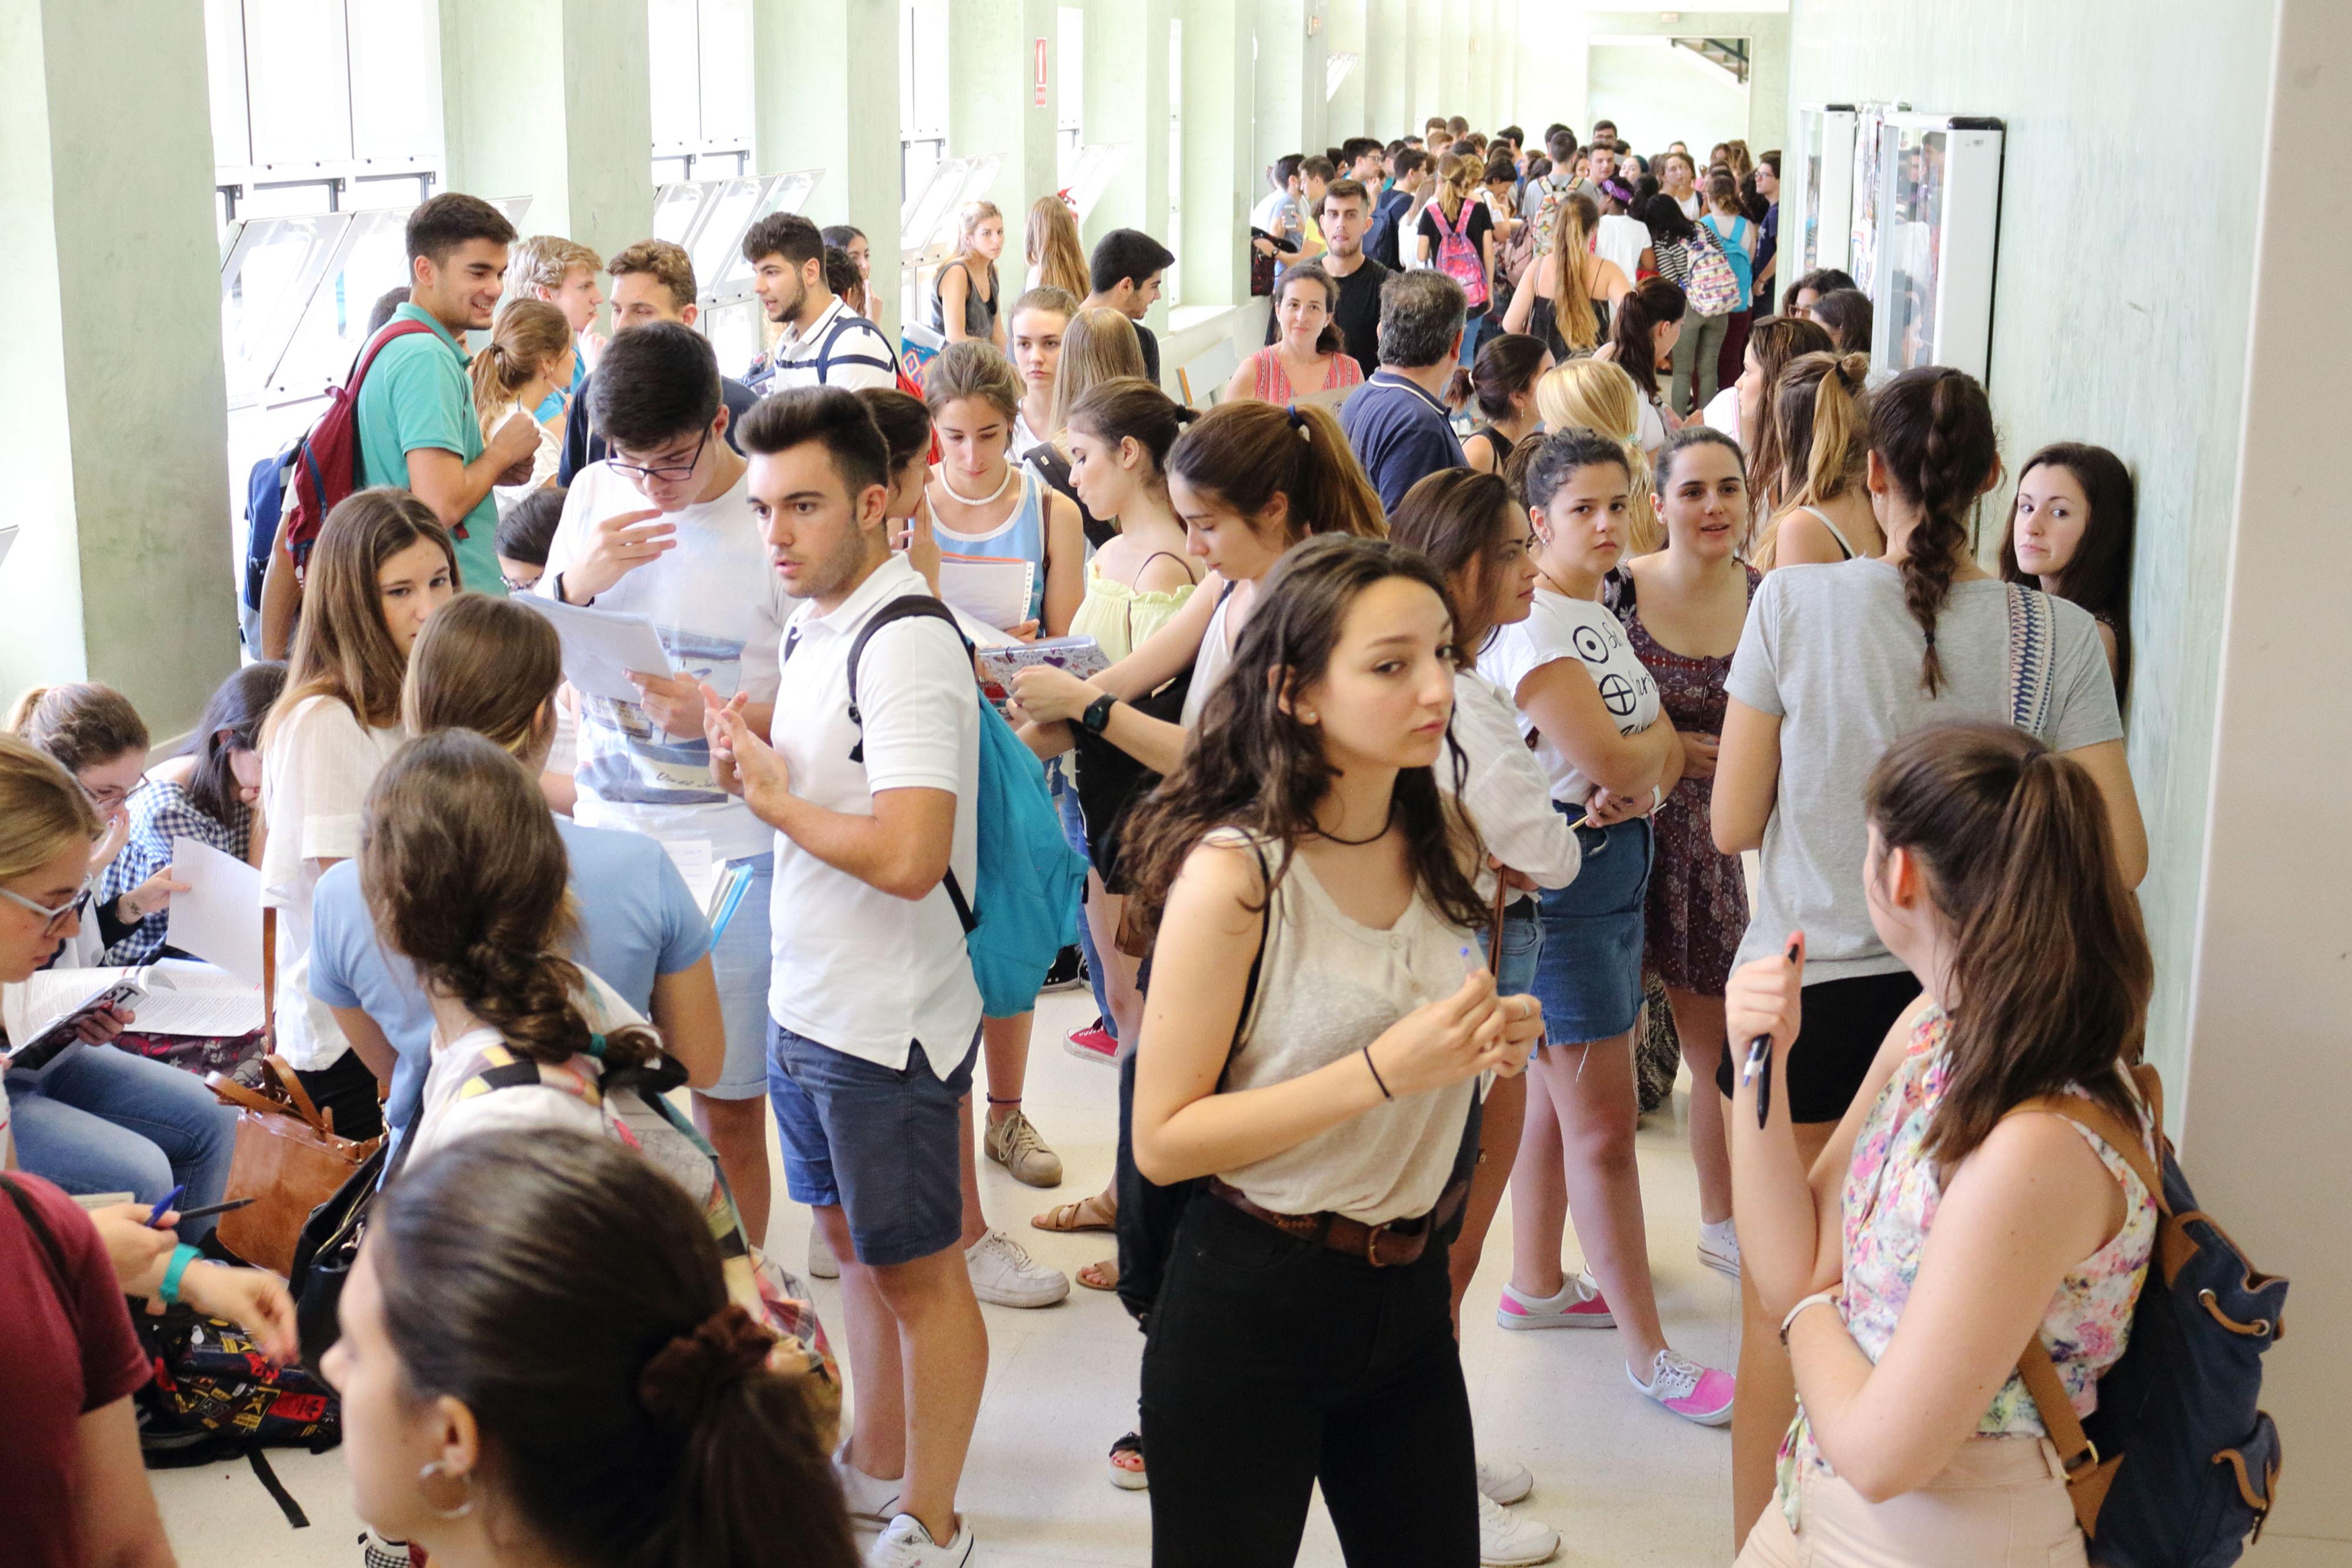 Estudiantes durante la Prueba de Acceso y Admisión en la UPO.